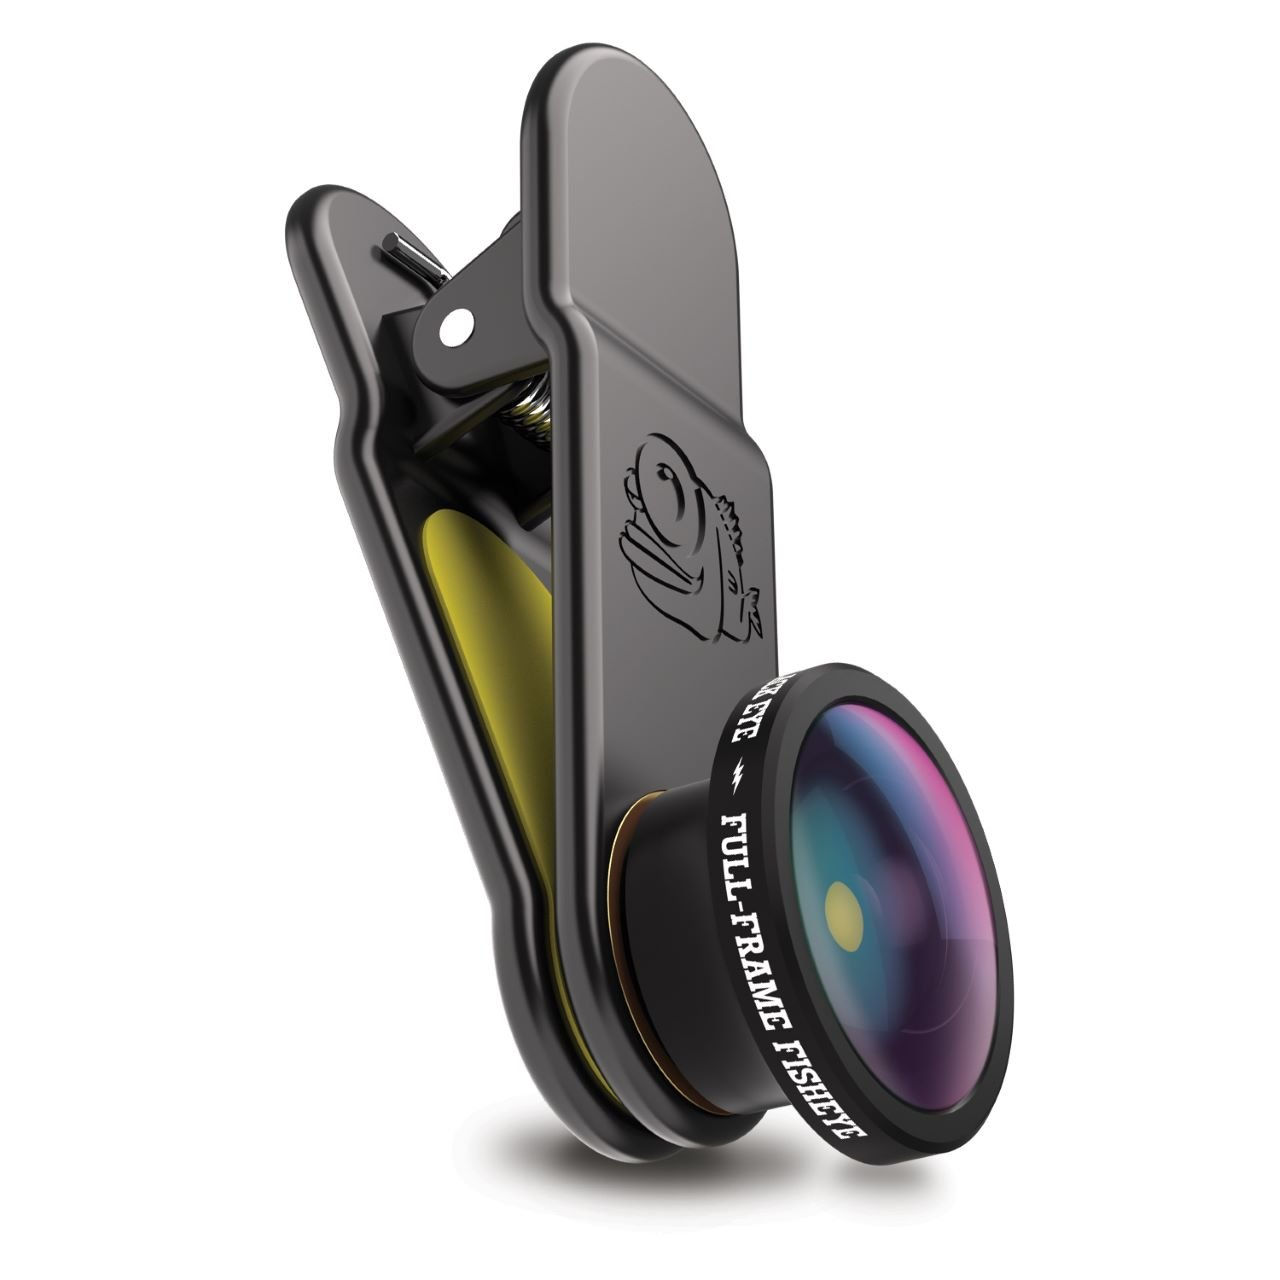 Black Eye Fullframe-Fisheye 180° Fischaugenobjektiv, Smartphone-Objektive FF002